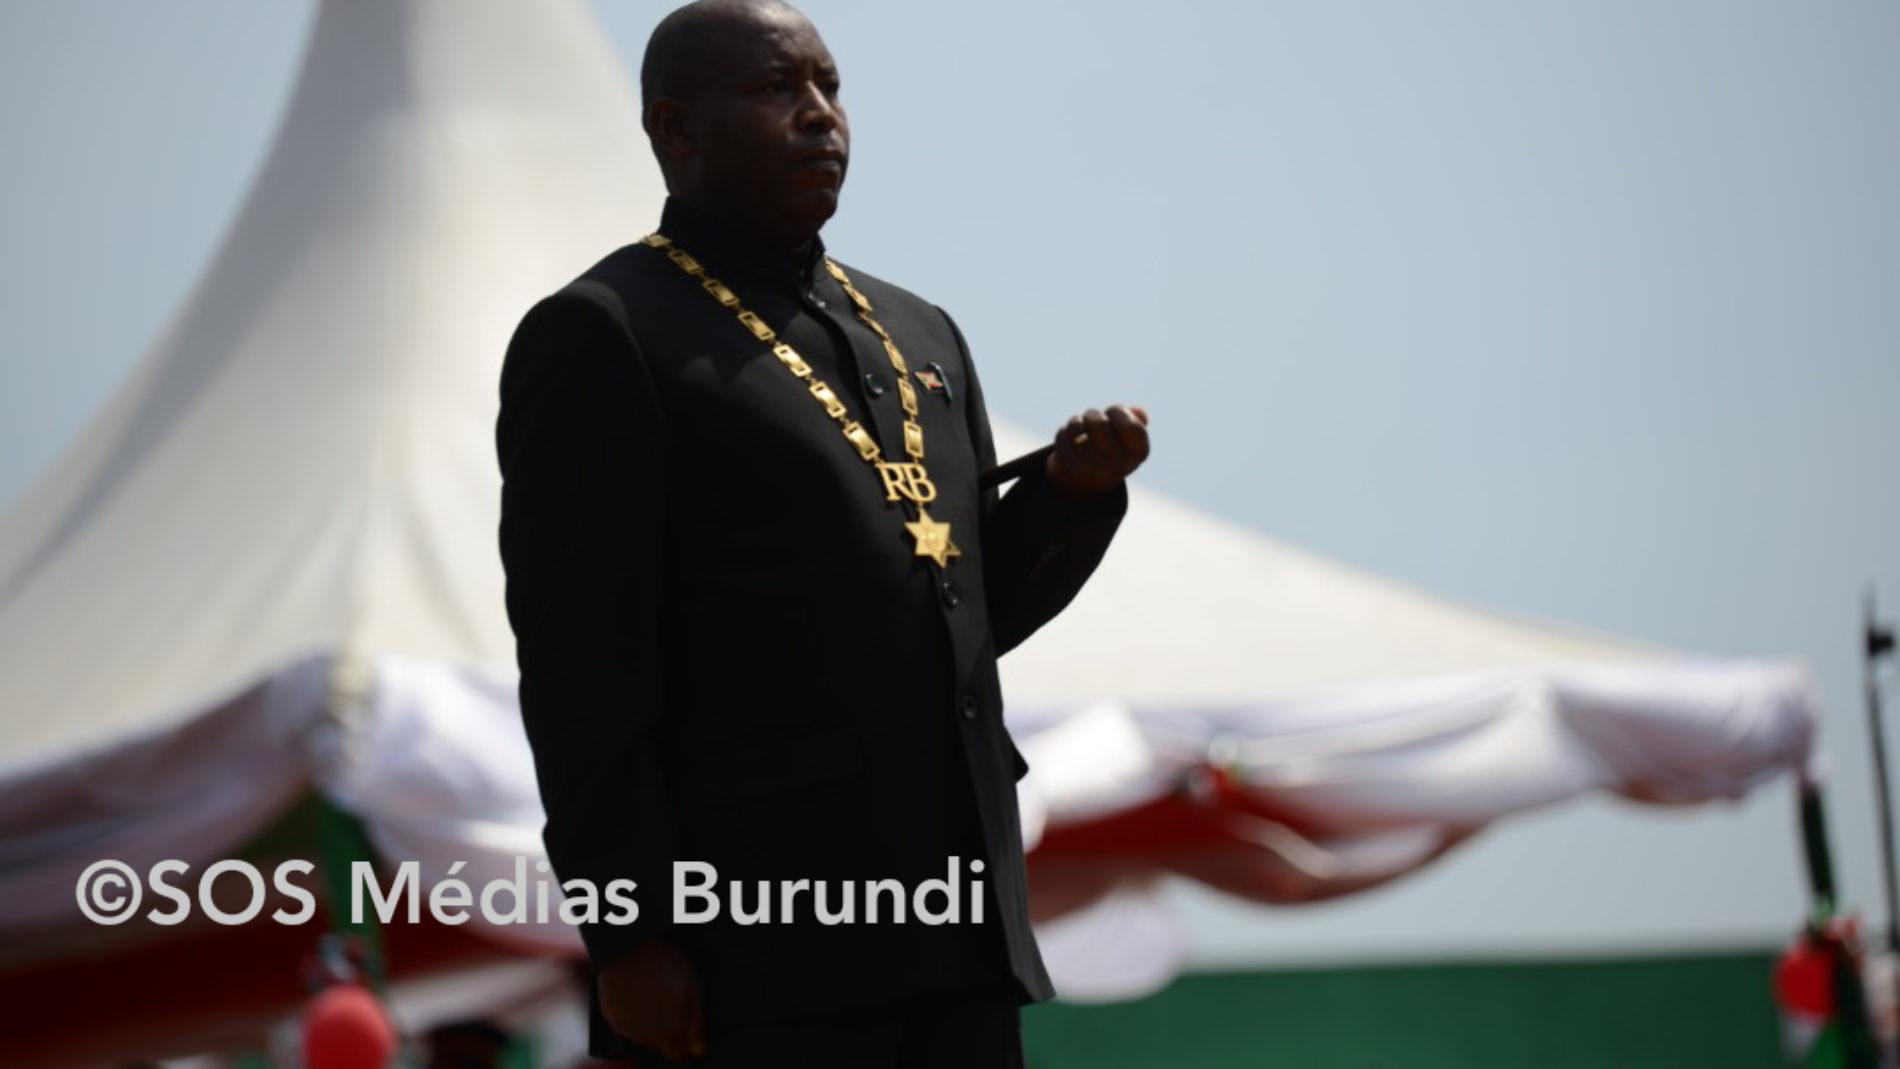 Covid-19: les autorités burundaises prennent conscience